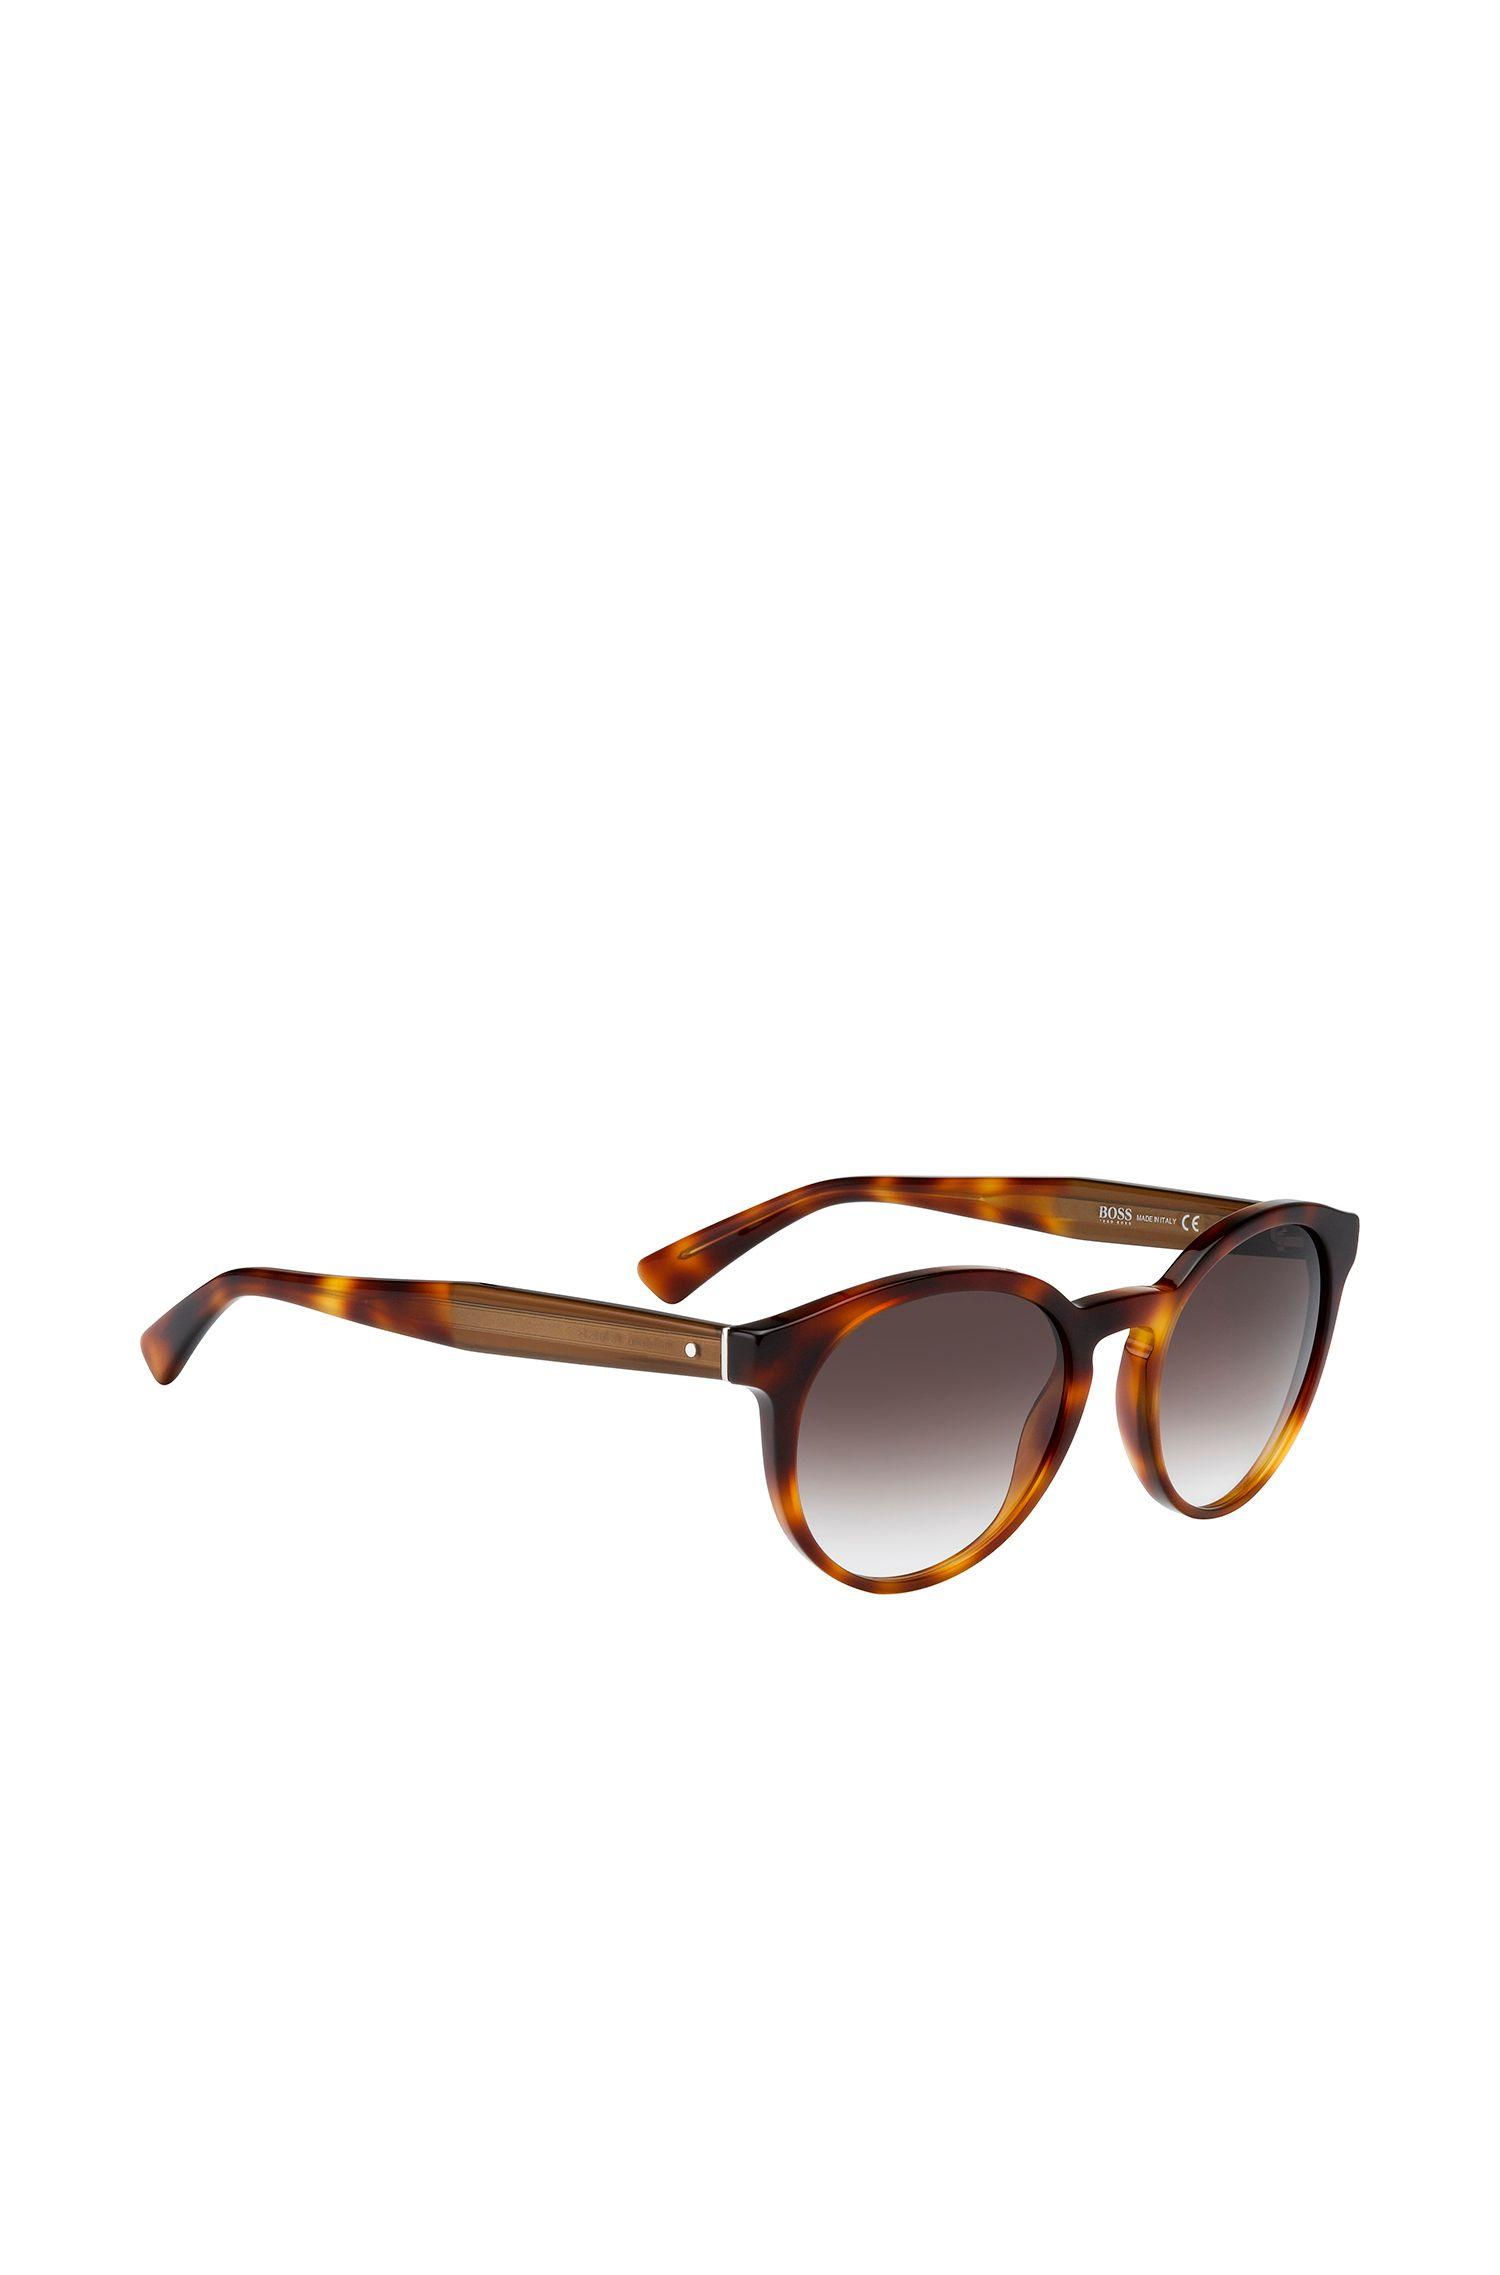 Occhiali da sole marrone in stile panto: 'BOSS 0794/S'